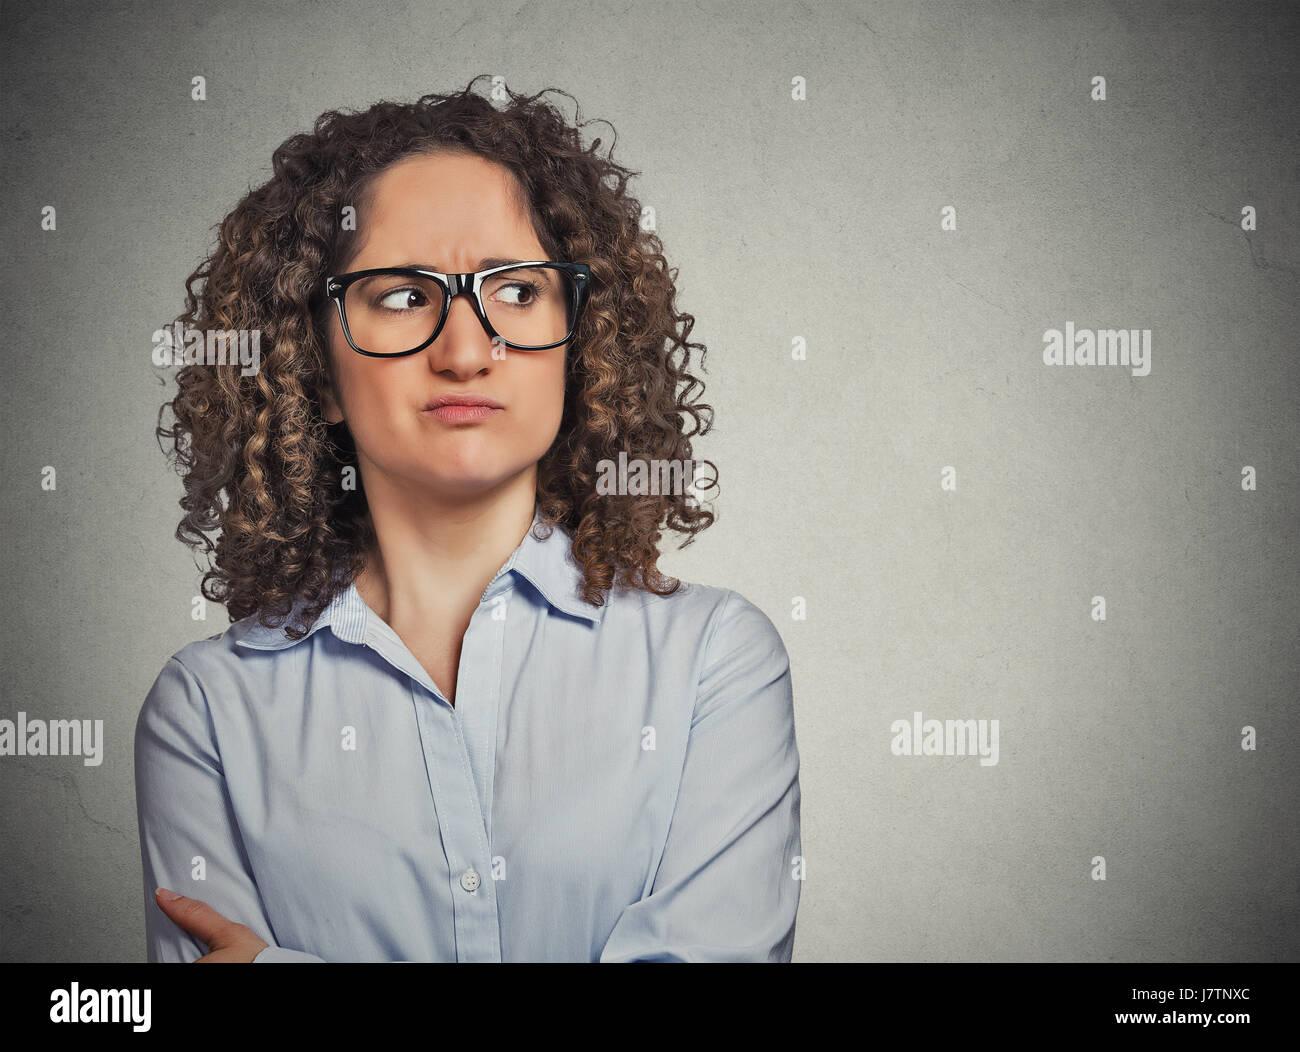 Orinato sospettoso giovane donna con gli occhiali guardando dal lato isolato sul muro grigio Sfondo. Faccia negativa Immagini Stock